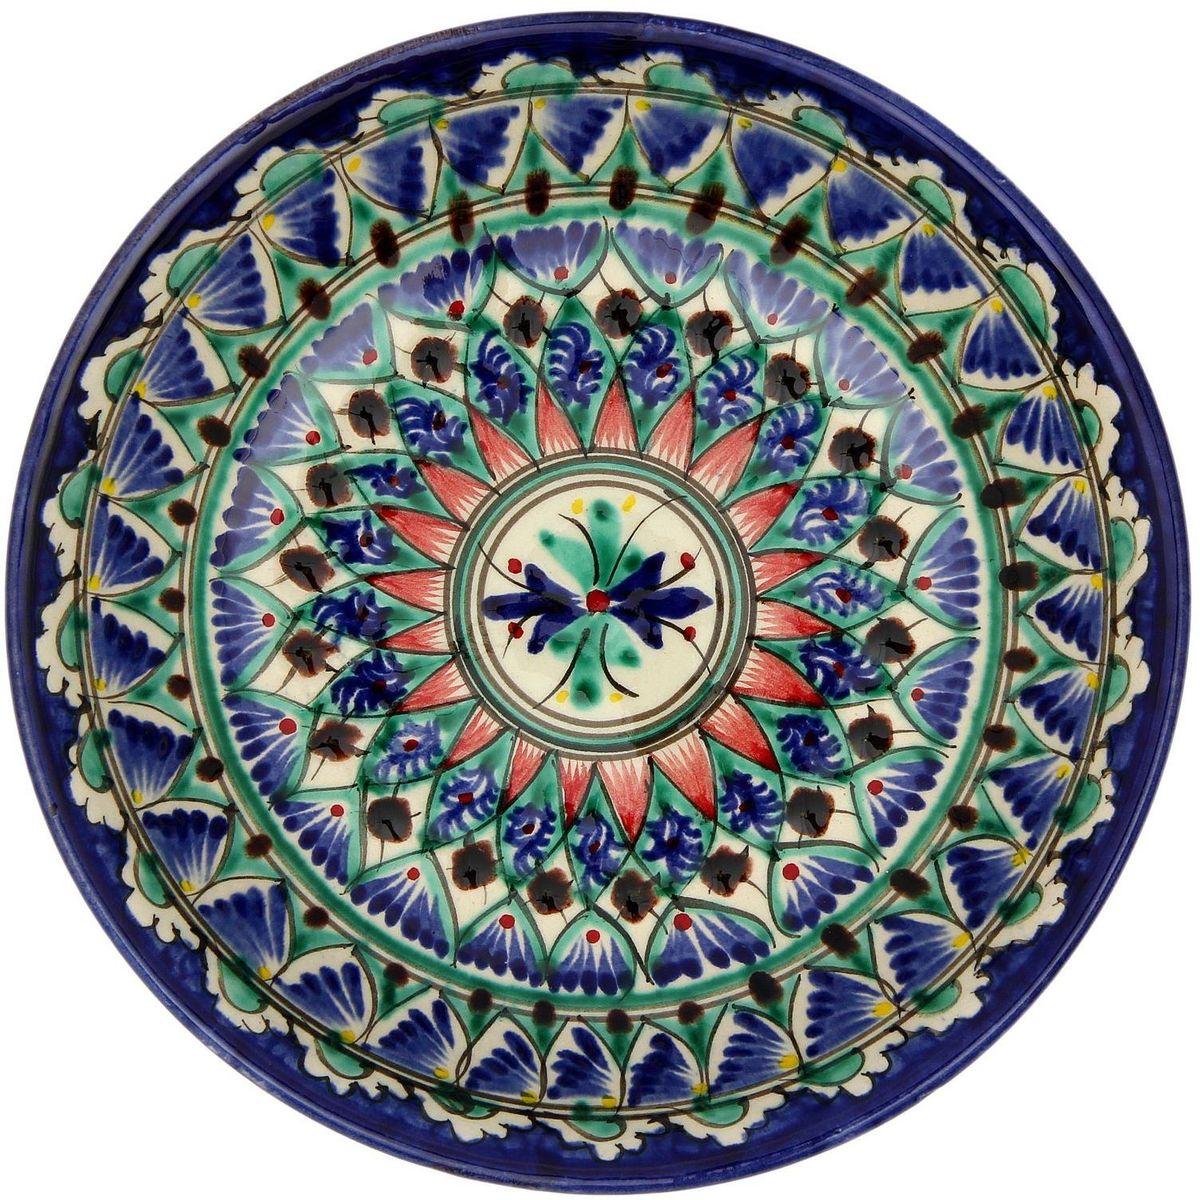 Тарелка Риштанская керамика, диаметр 19 см. 21387062138706Узбекская посуда известна всему миру уже более тысячи лет. Ей любовались царские особы, на ней подавали еду шейхам и знатным персонам. Формула глазури передаётся из поколения в поколение. По сей день качественные изделия продолжают восхищать своей идеальной формой.Данный предмет подойдёт для повседневной и праздничной сервировки. Дополните стол текстилем и салфетками в тон, чтобы получить элегантное убранство с яркими акцентами.